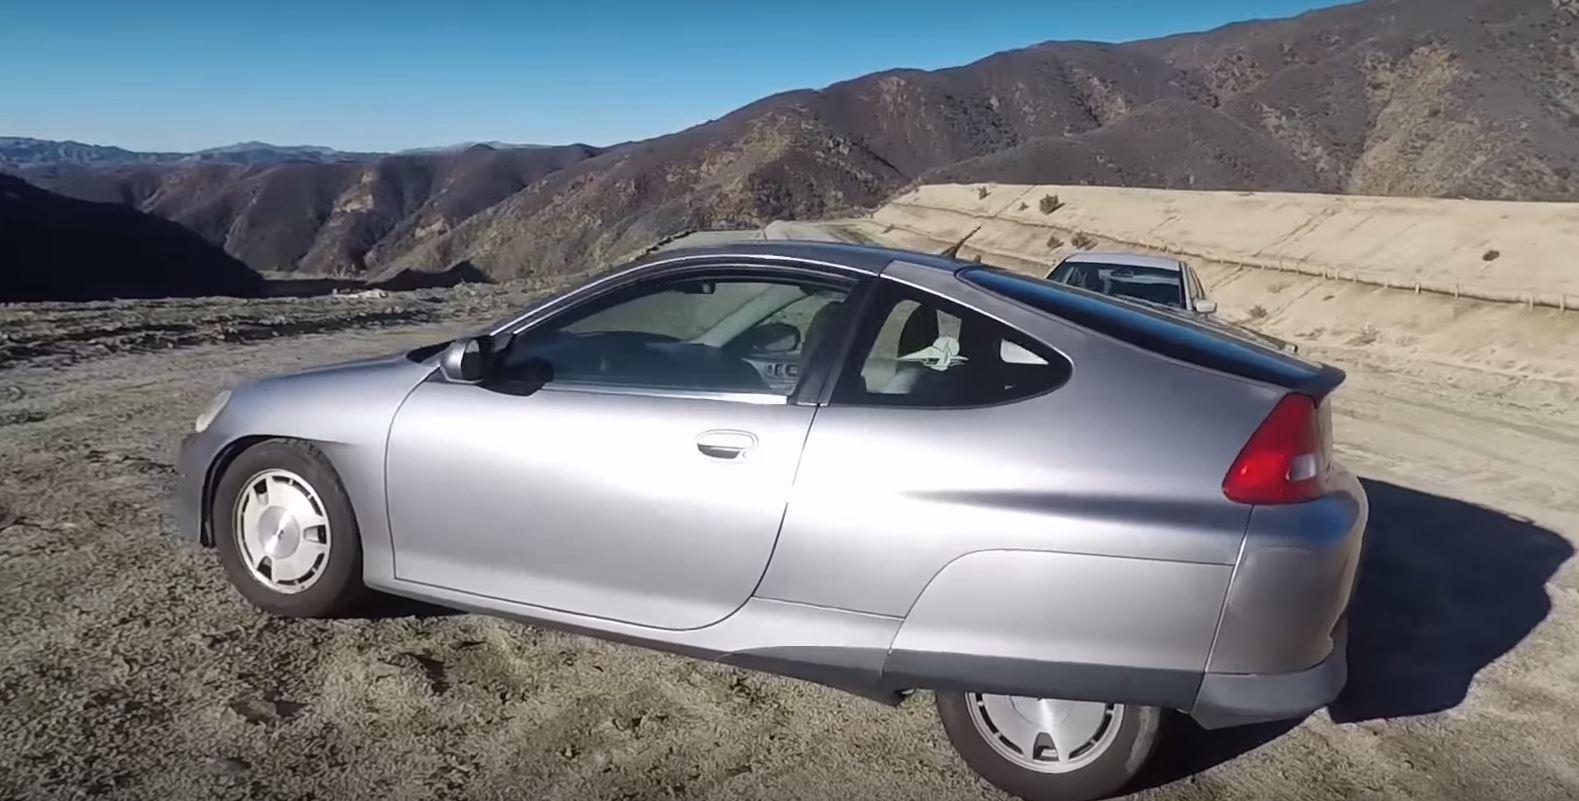 Matt Farah Reviews 2000 Honda Insight Superleggera With 250 000 Miles